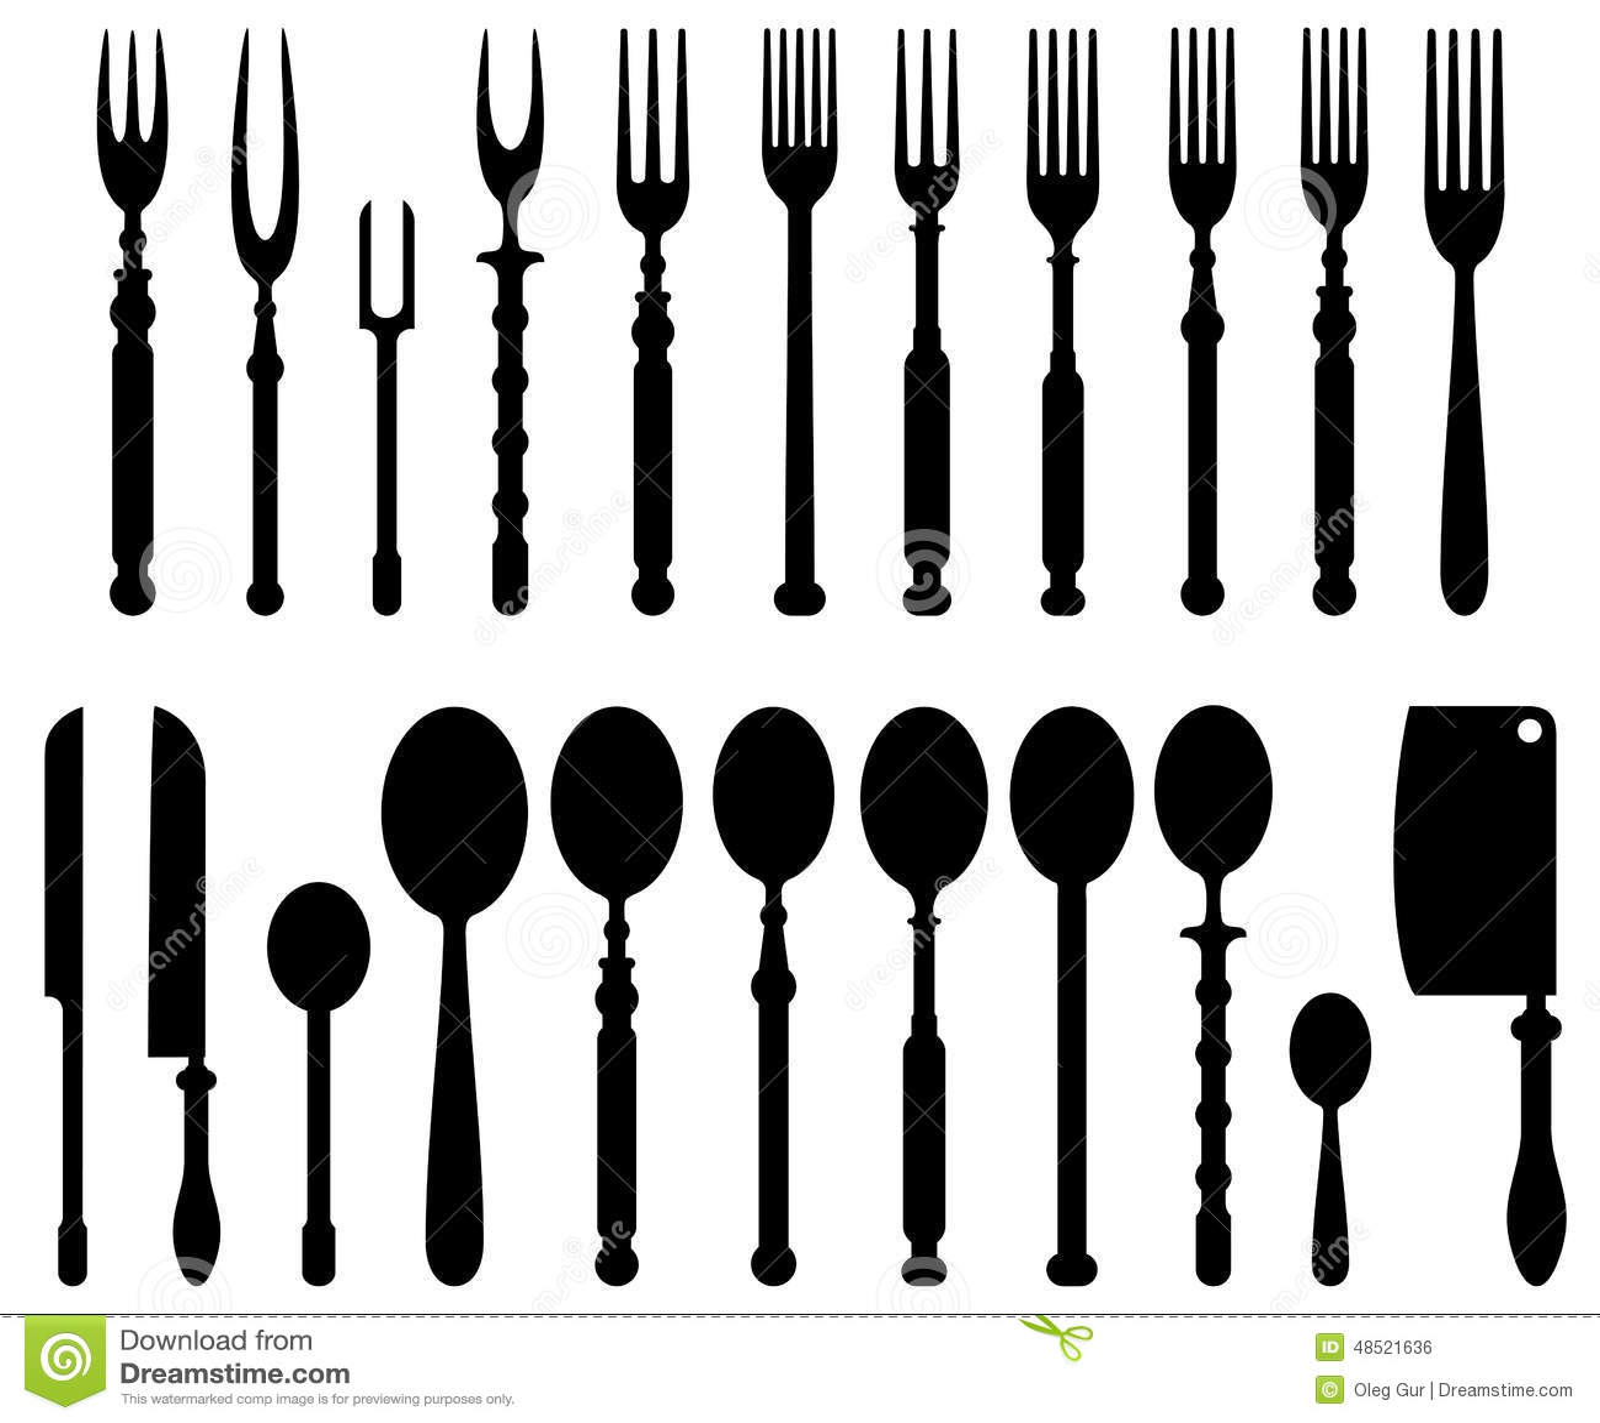 kitchen fork designs on a budget 背景分叉厨房六器物白色向量例证 插画包括有厨房 查出 茶匙 设计 背景分叉厨房六器物白色